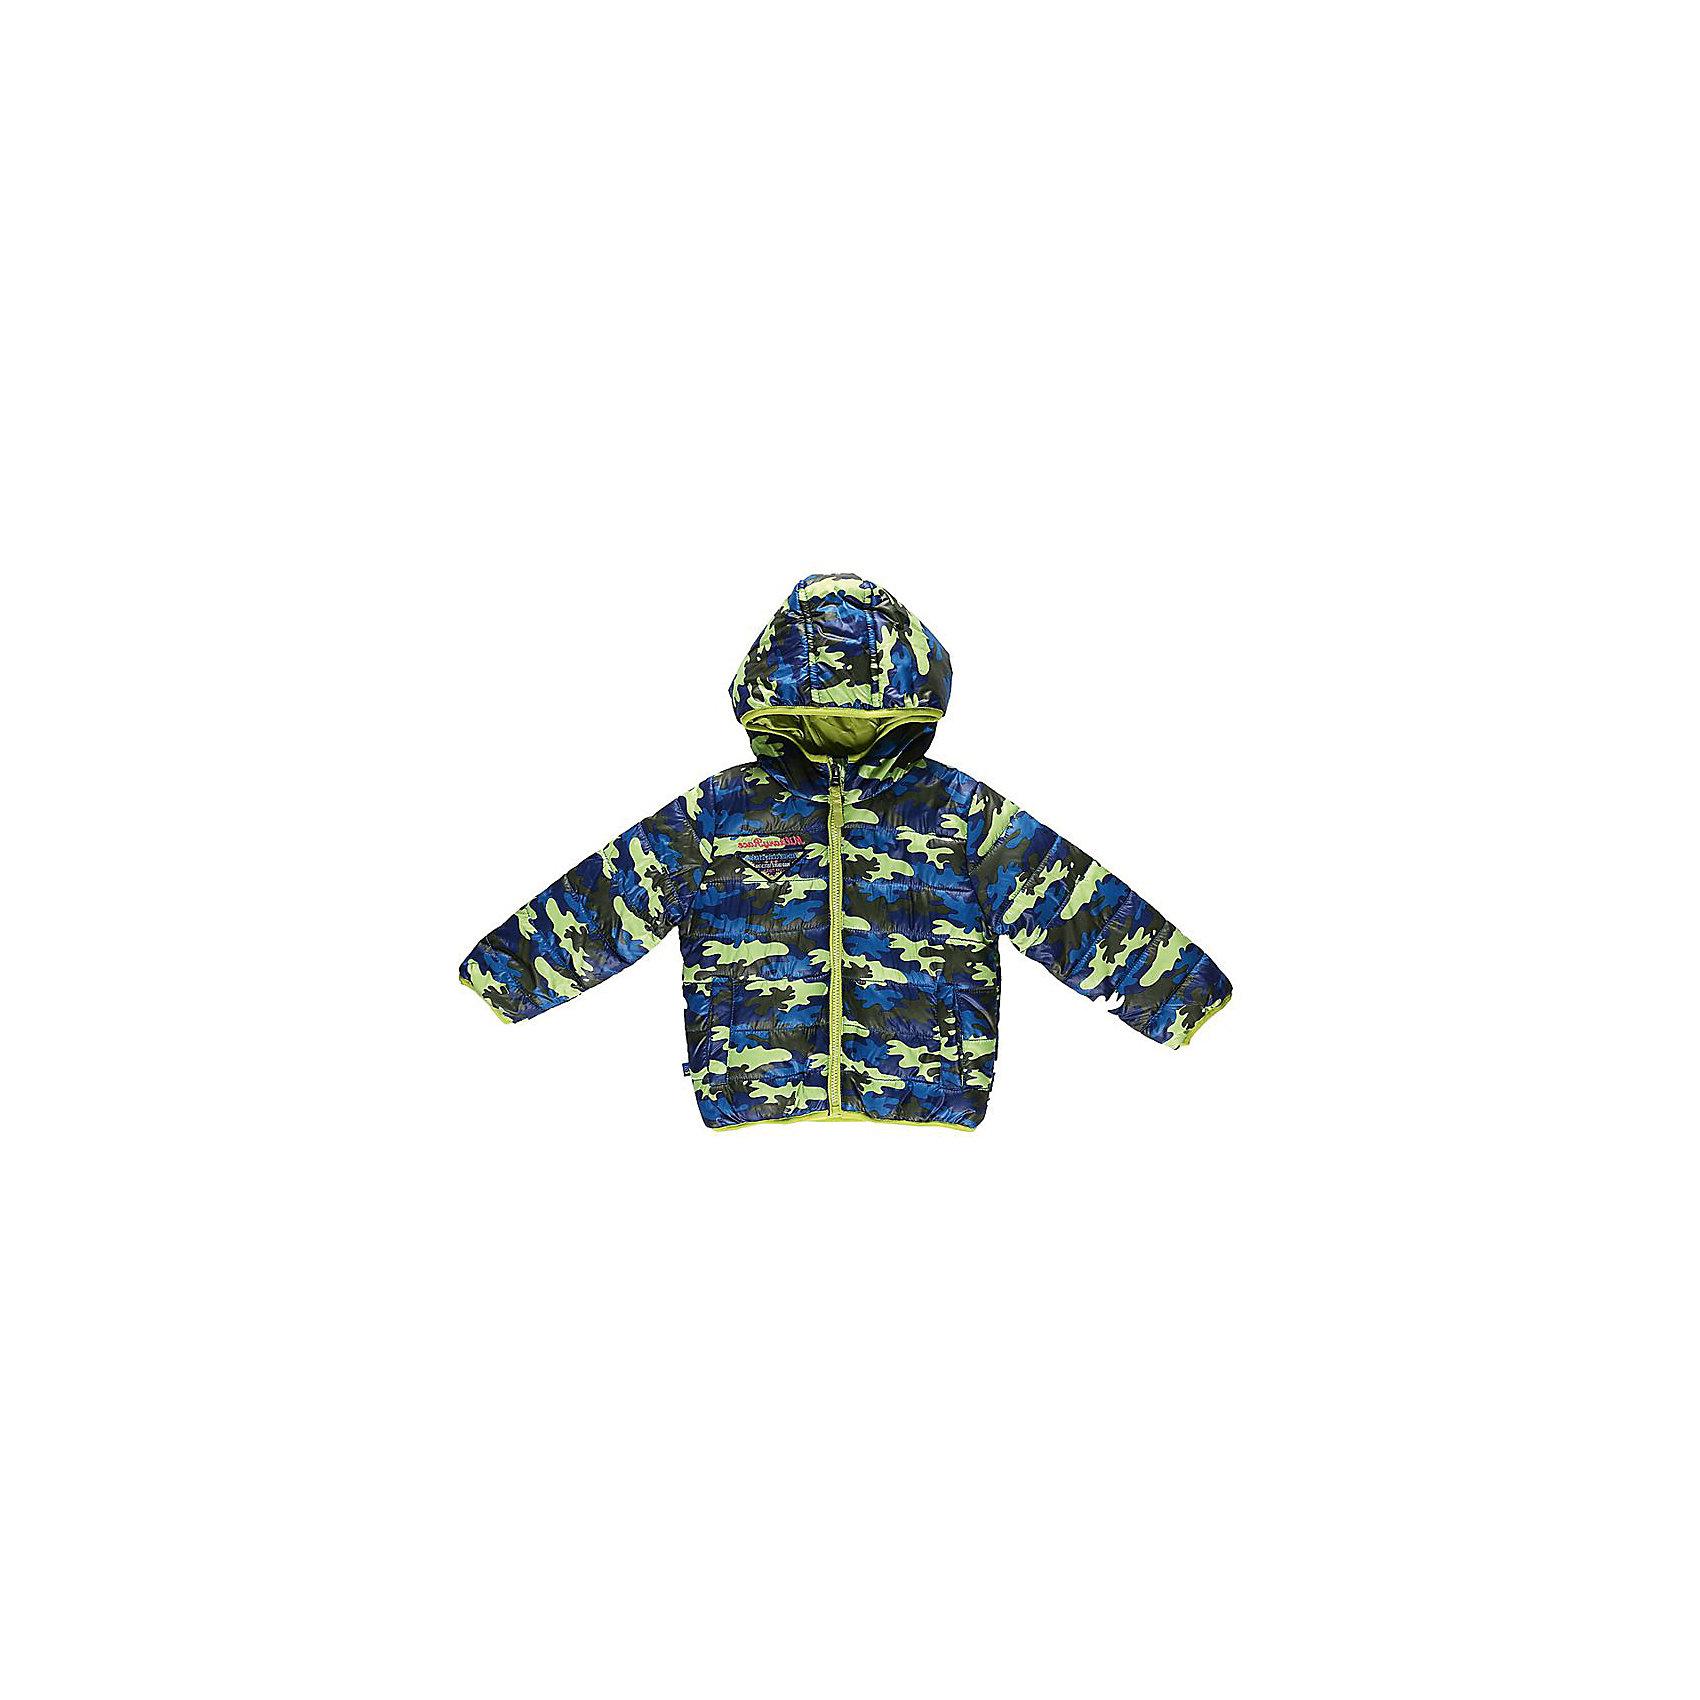 Куртка для мальчика Sweet BerryВерхняя одежда<br>Модная куртка для мальчиков, на тонком утеплителе, дополнена оригинальным шевроном. Швы проклеены. Куртка с капюшоном и небольшим воротником-стойкой застегивается на пластиковую застежку-молнию. Мягкая подкладка на воротнике и капюшоне обеспечивает дополнительный комфорт. Спереди куртка дополнена двумя  прорезными карманами на молнии. Оформлена куртка в стиле милитари.<br><br> Дополнительная информация:<br><br>- комплектация: куртка<br>- цвет: салатовый<br>- состав:  верх: 100% полиэстер, подкладка: 100% полиэстер, наполнитель: 100% полиэстер<br>- длина рукава: длинные<br>- вид застежки: молния<br>- тип карманов: прорезные<br>- покрой: прямой<br>- утеплитель: синтепух<br>- материал подкладки: флис: 100 %<br>- фактура материала: гладкий<br>- уход за вещами: бережная стирка при t не более 40с<br>- рисунок: без рисунка<br>- плотность: утеплителя: 160 г/кв.м<br>- назначение: повседневная<br>- характеристика утеплителя: fill power: 450 куб. дюйм на унцию <br>- сезон: демисезон<br>- пол: мальчики<br><br>Куртка для мальчика  торговой марки Sweet Berry можно купить в нашем интернет-магазине.<br><br>Ширина мм: 356<br>Глубина мм: 10<br>Высота мм: 245<br>Вес г: 519<br>Цвет: зеленый<br>Возраст от месяцев: 24<br>Возраст до месяцев: 36<br>Пол: Мужской<br>Возраст: Детский<br>Размер: 98,80,86,92<br>SKU: 4929867